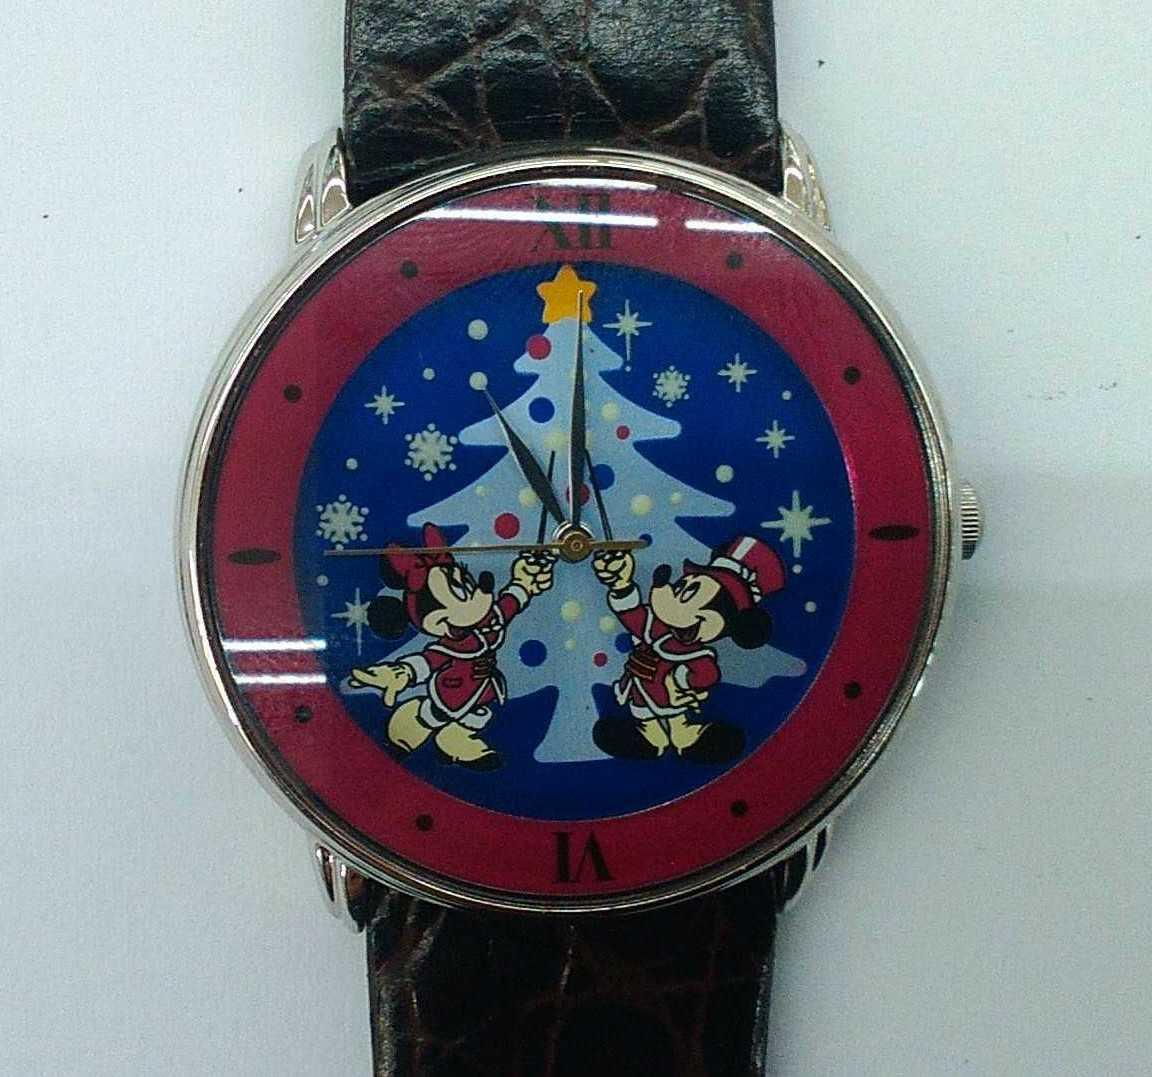 1997年クリスマス限定腕時計|ディズニーランド